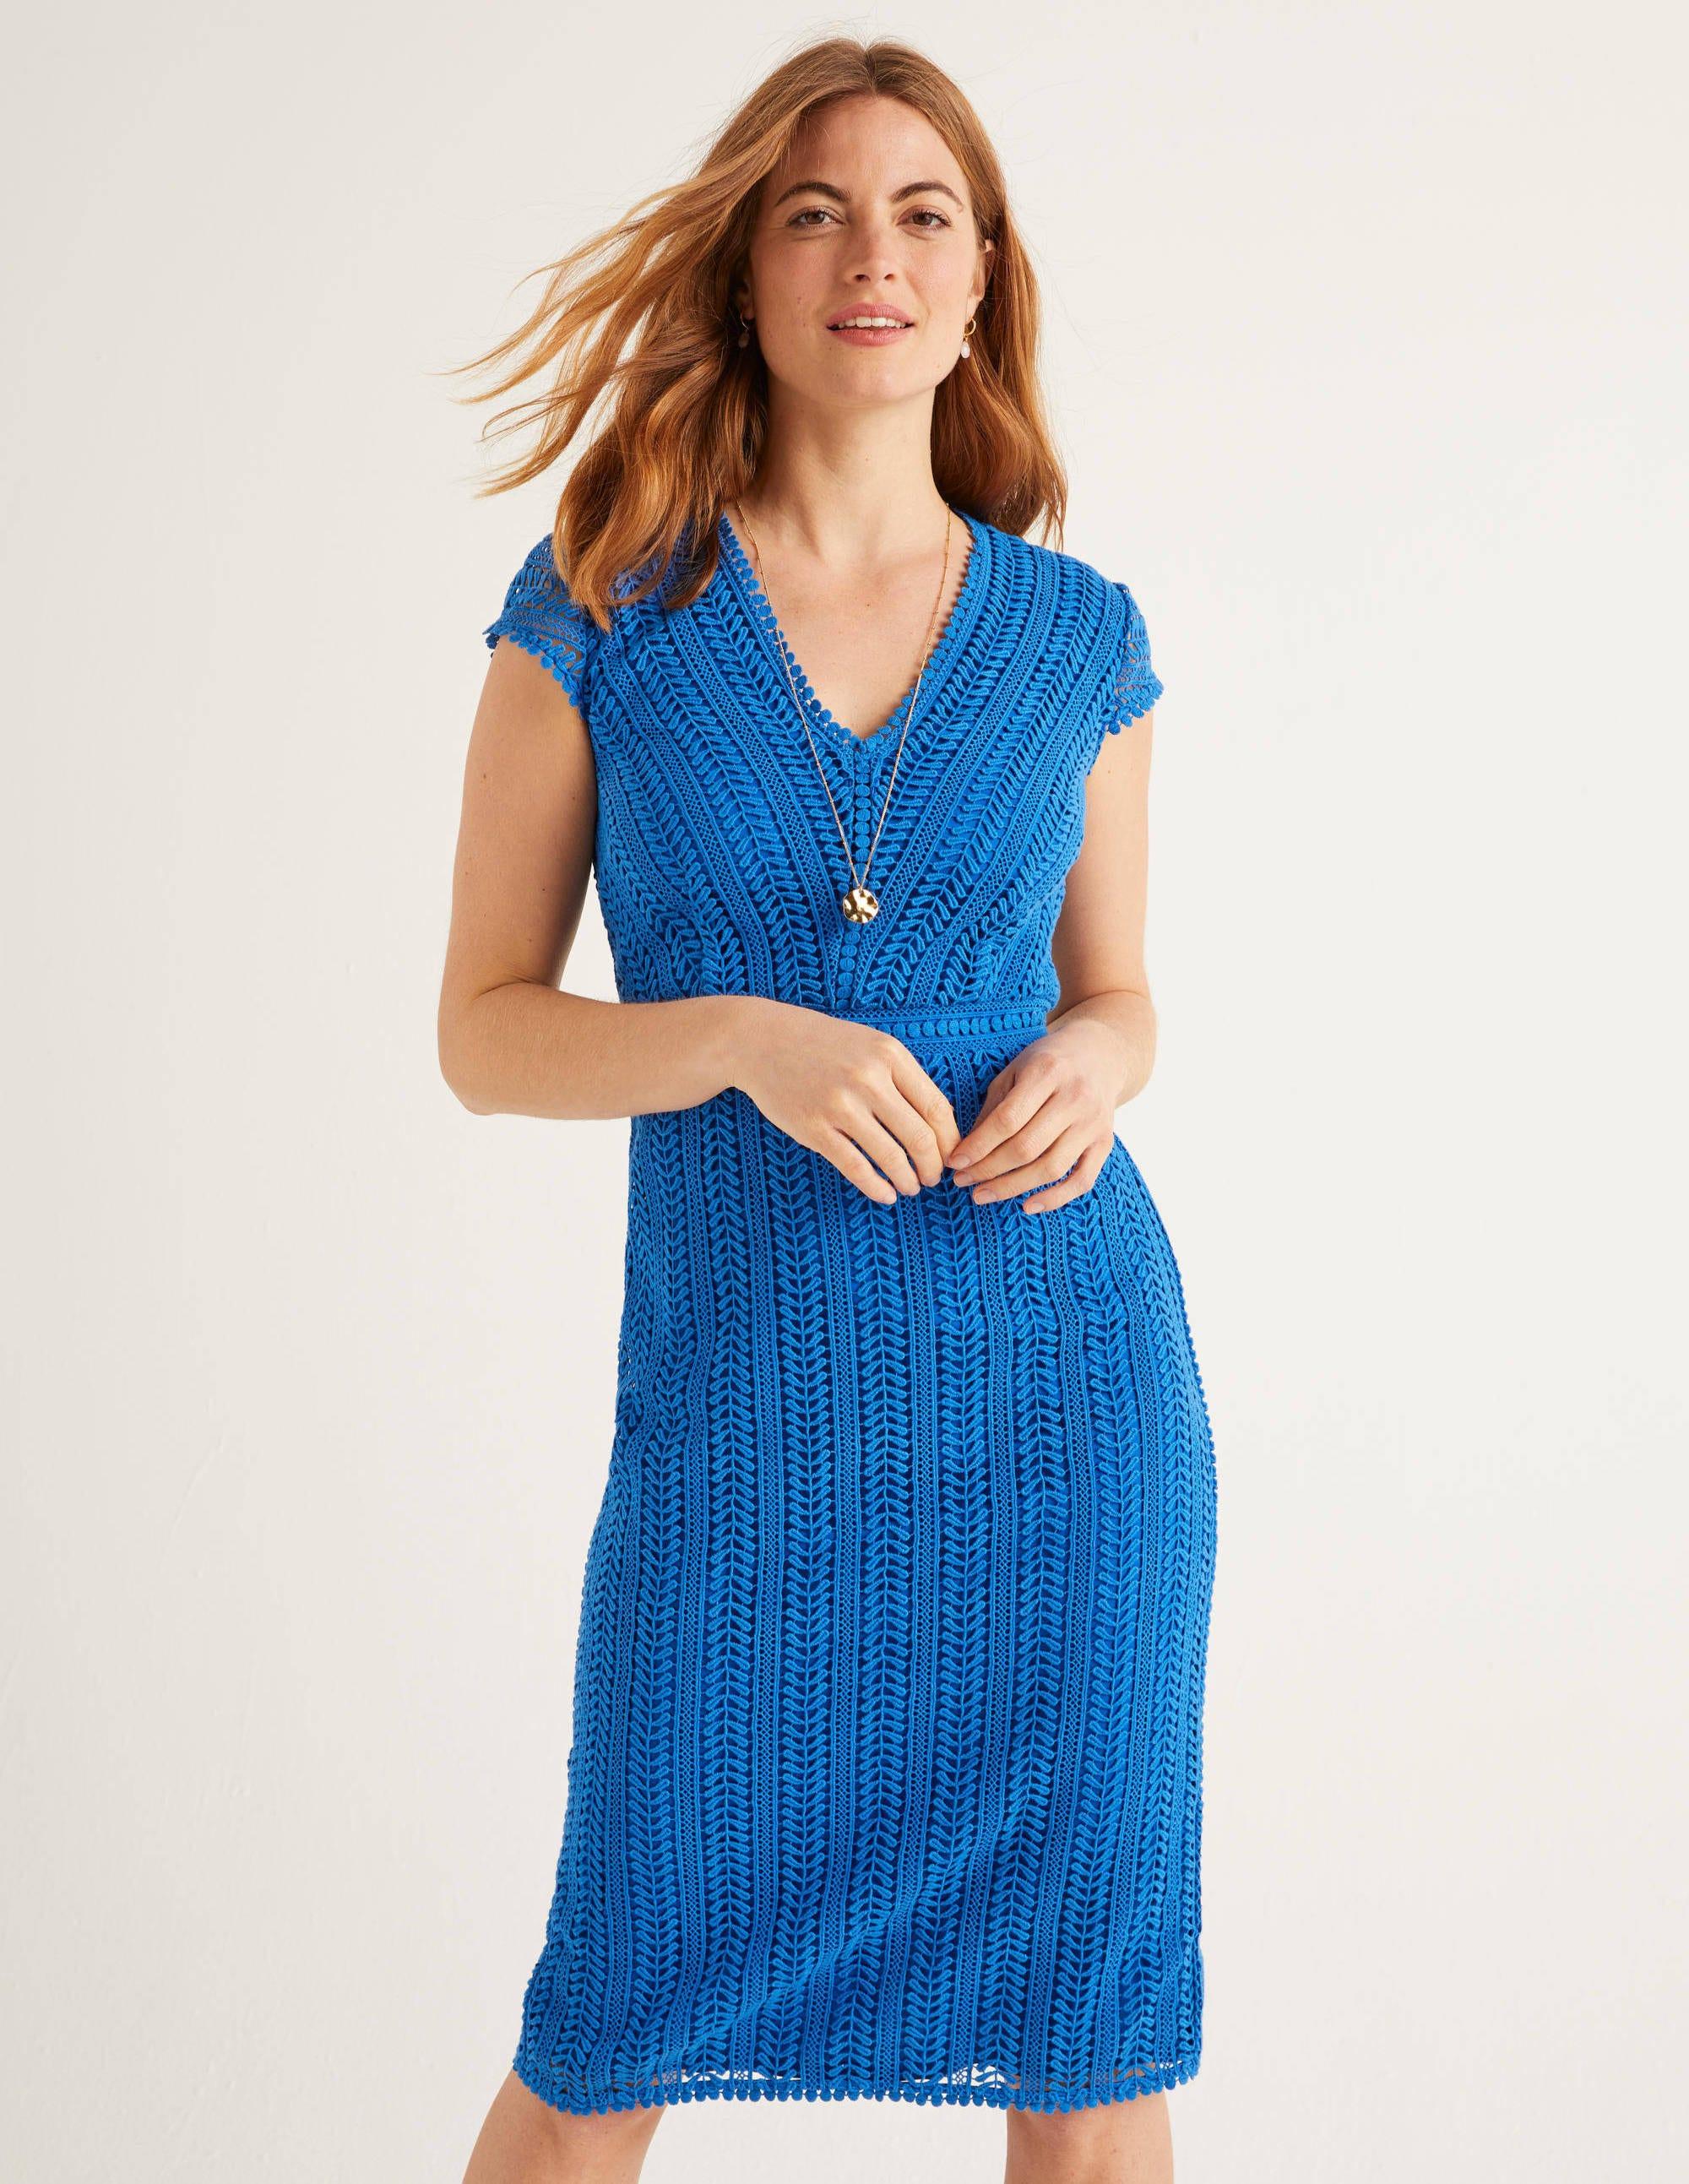 nancy spitzenkleid - kräftiges blau